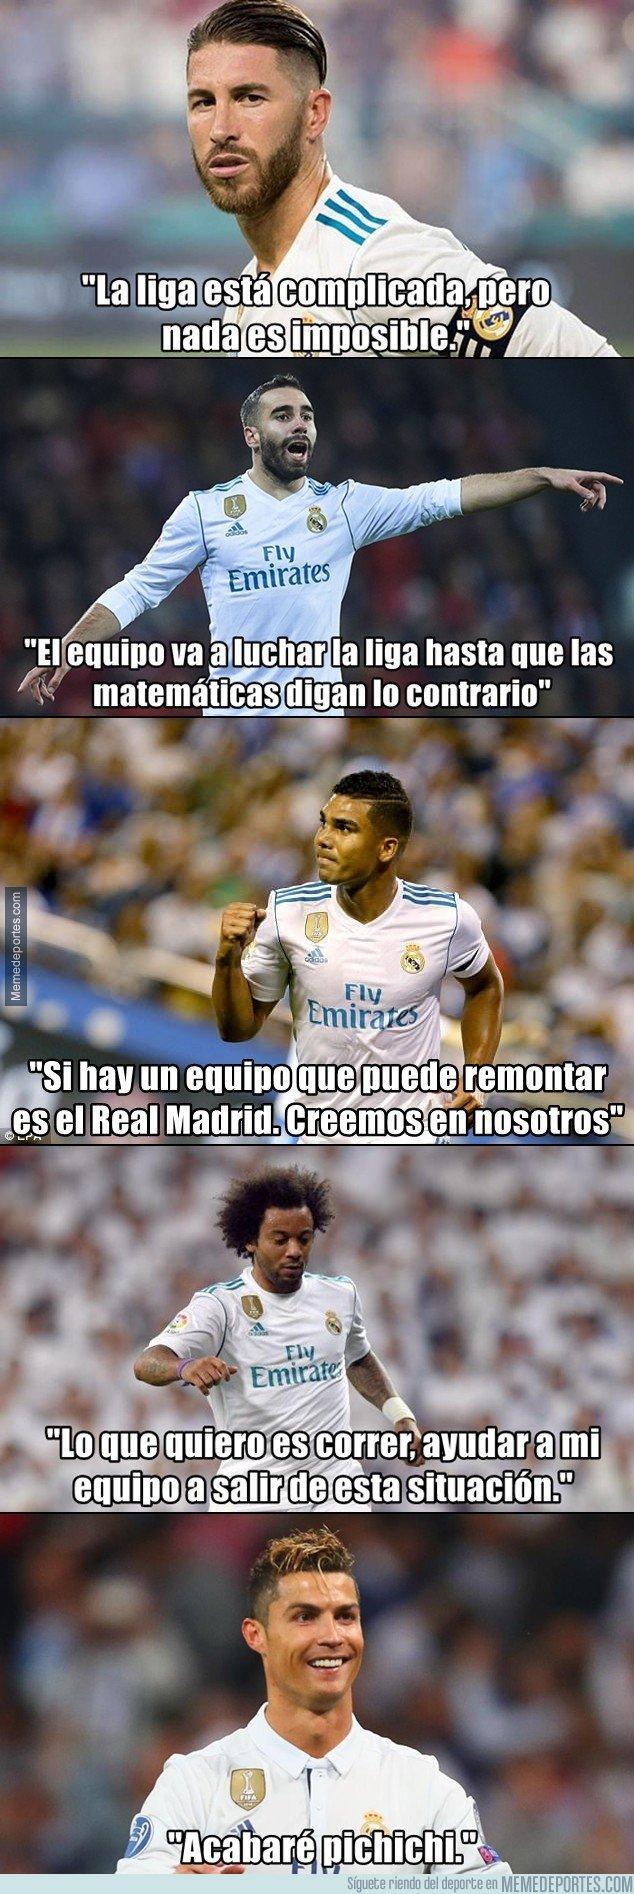 1015606 - Lo que piensan 5 jugadores del Madrid acerca de su situación actual. Cristiano te hará estallar la cabeza